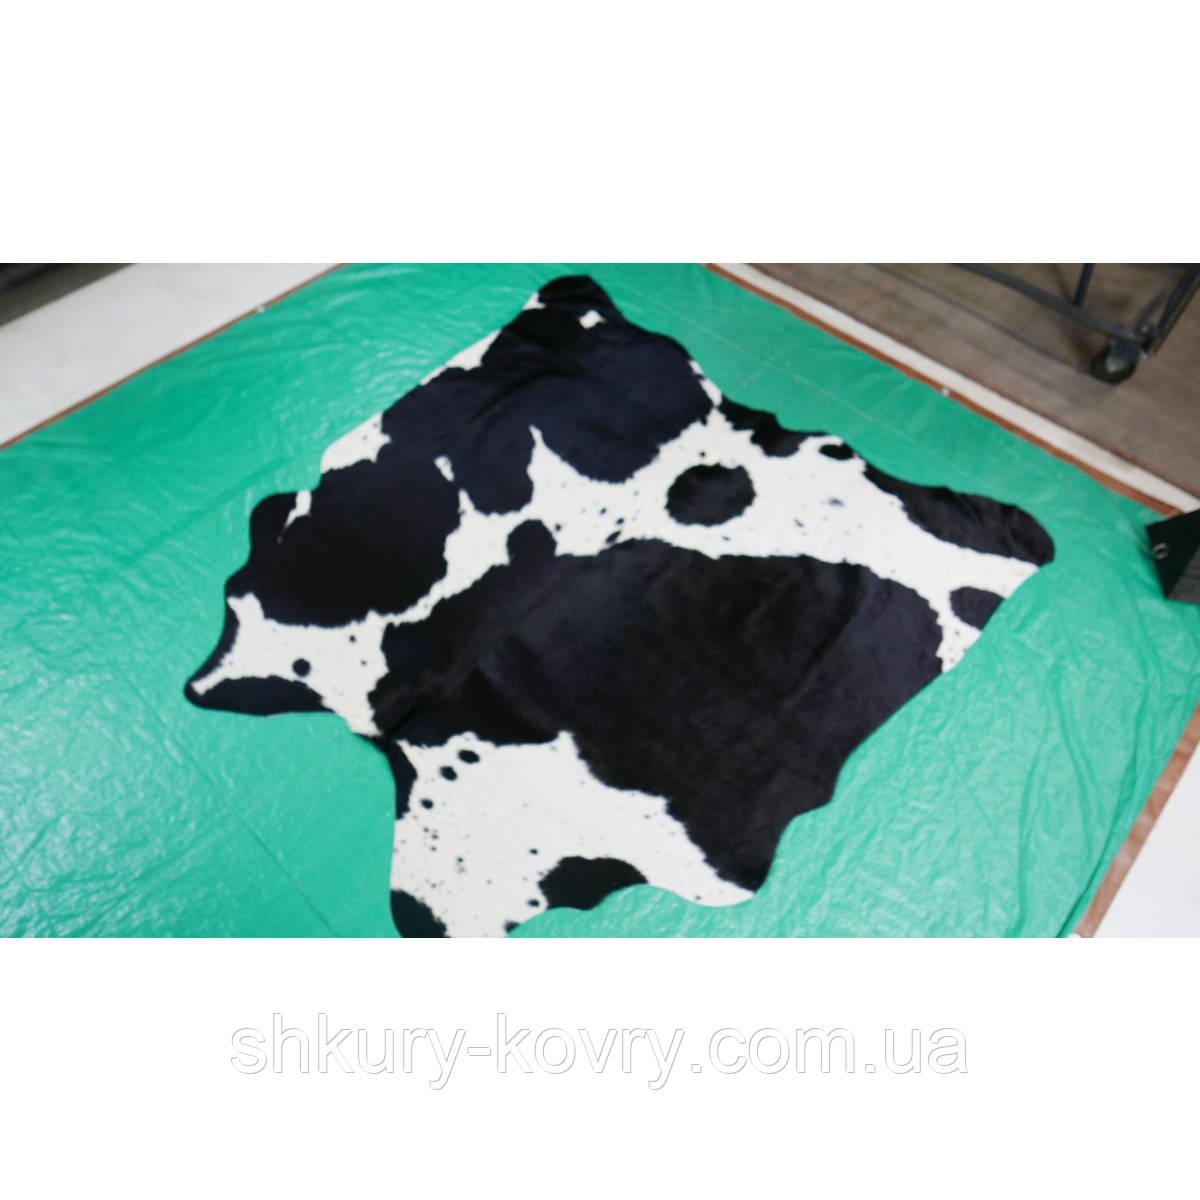 Небольшая шкура коровы черно белая